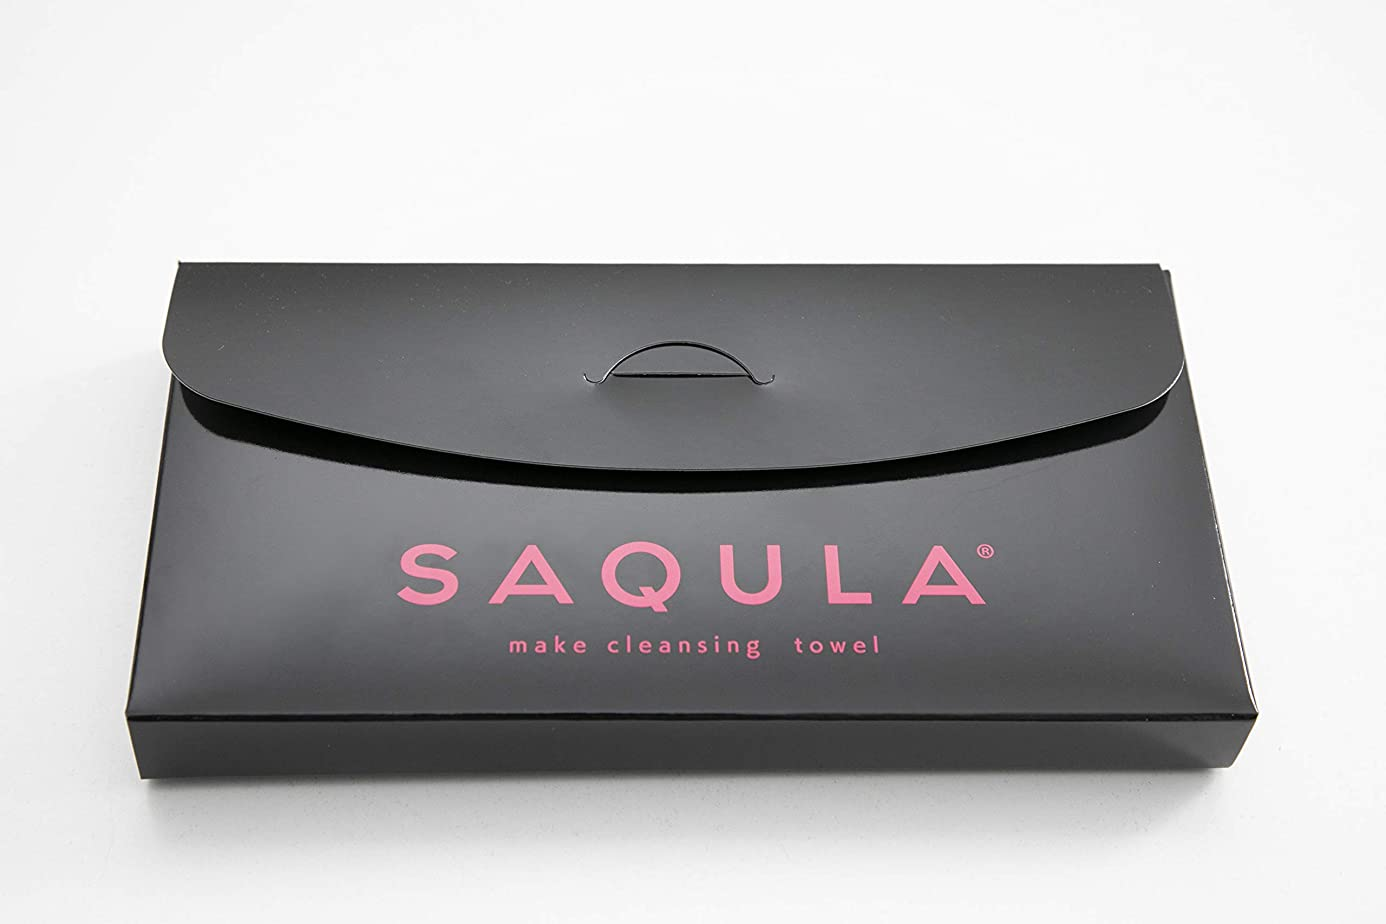 私たち時計回りトンSAQULA クレンジングタオル ピンク テレビで紹介された 水に濡らして拭くだけで簡単にメイクが落とせるクレンジングタオル